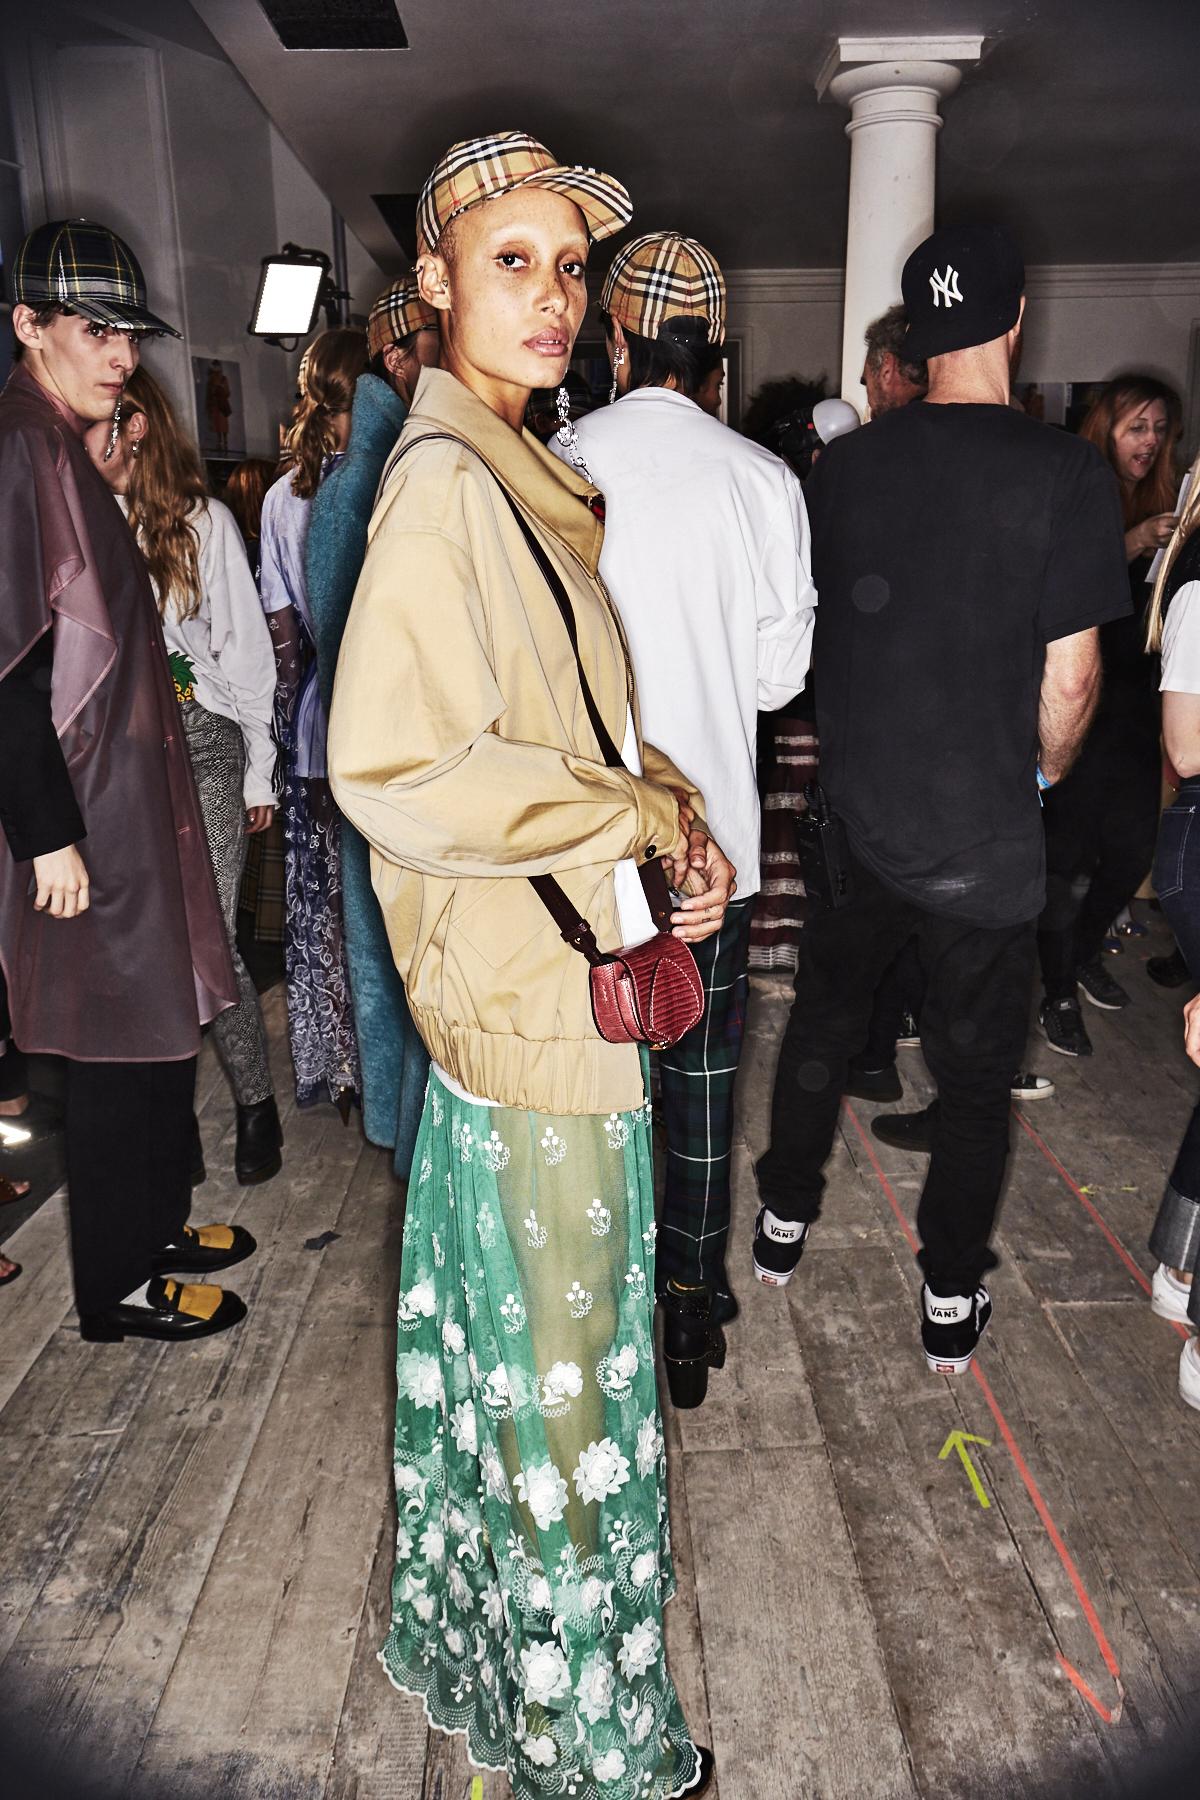 """Auf dem Foto ist ein  Model im Backstagebereich der Modenschau vom Briten Christopher Bailey für Burberry zu sehen. Das Mädchen ist Adwoa Aboah, die Gründerin der Plattform """"GURL`S Talk"""". Auf dem Kopf trägt sie eine karierte Baseball Cap im klassischen Buberrycheck-Muster. Das Model trägt einen beigefarbenen Blouson und bodenlanges Kleid aus grüner Spitze, die mit weißen Blüten bestickt ist. Außerdem trägt Adwoa eine rote Micro-Bag und einen Statement-Ohrring."""